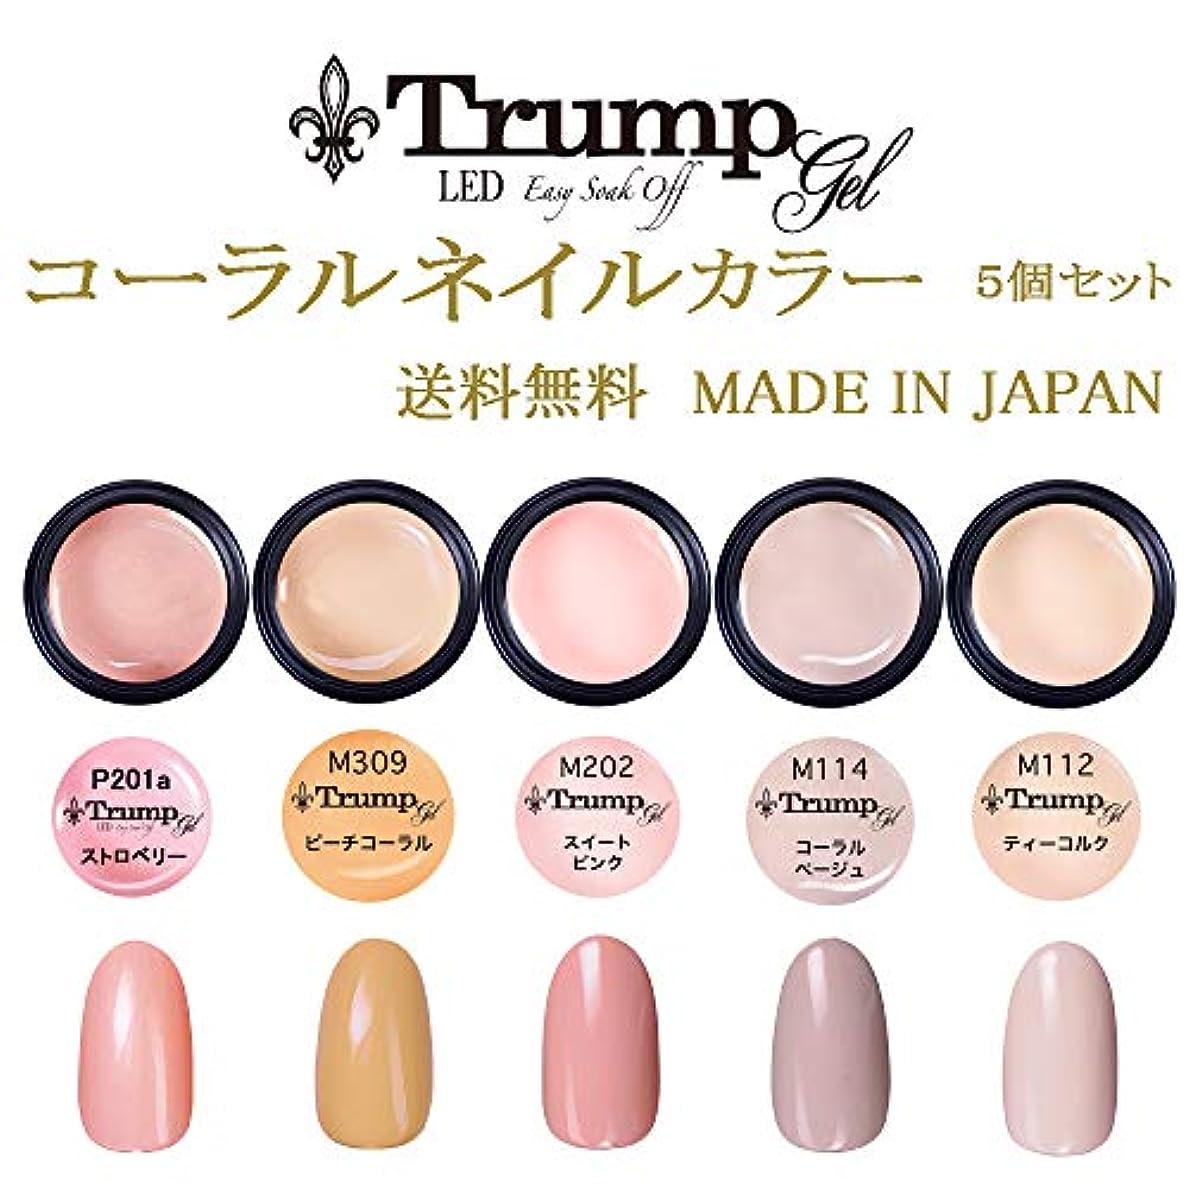 潤滑する防水試み【送料無料】日本製 Trump gel トランプジェル コーラルネイル カラージェル 5個セット 明るくて可愛い コーラルネイルカラージェルセット